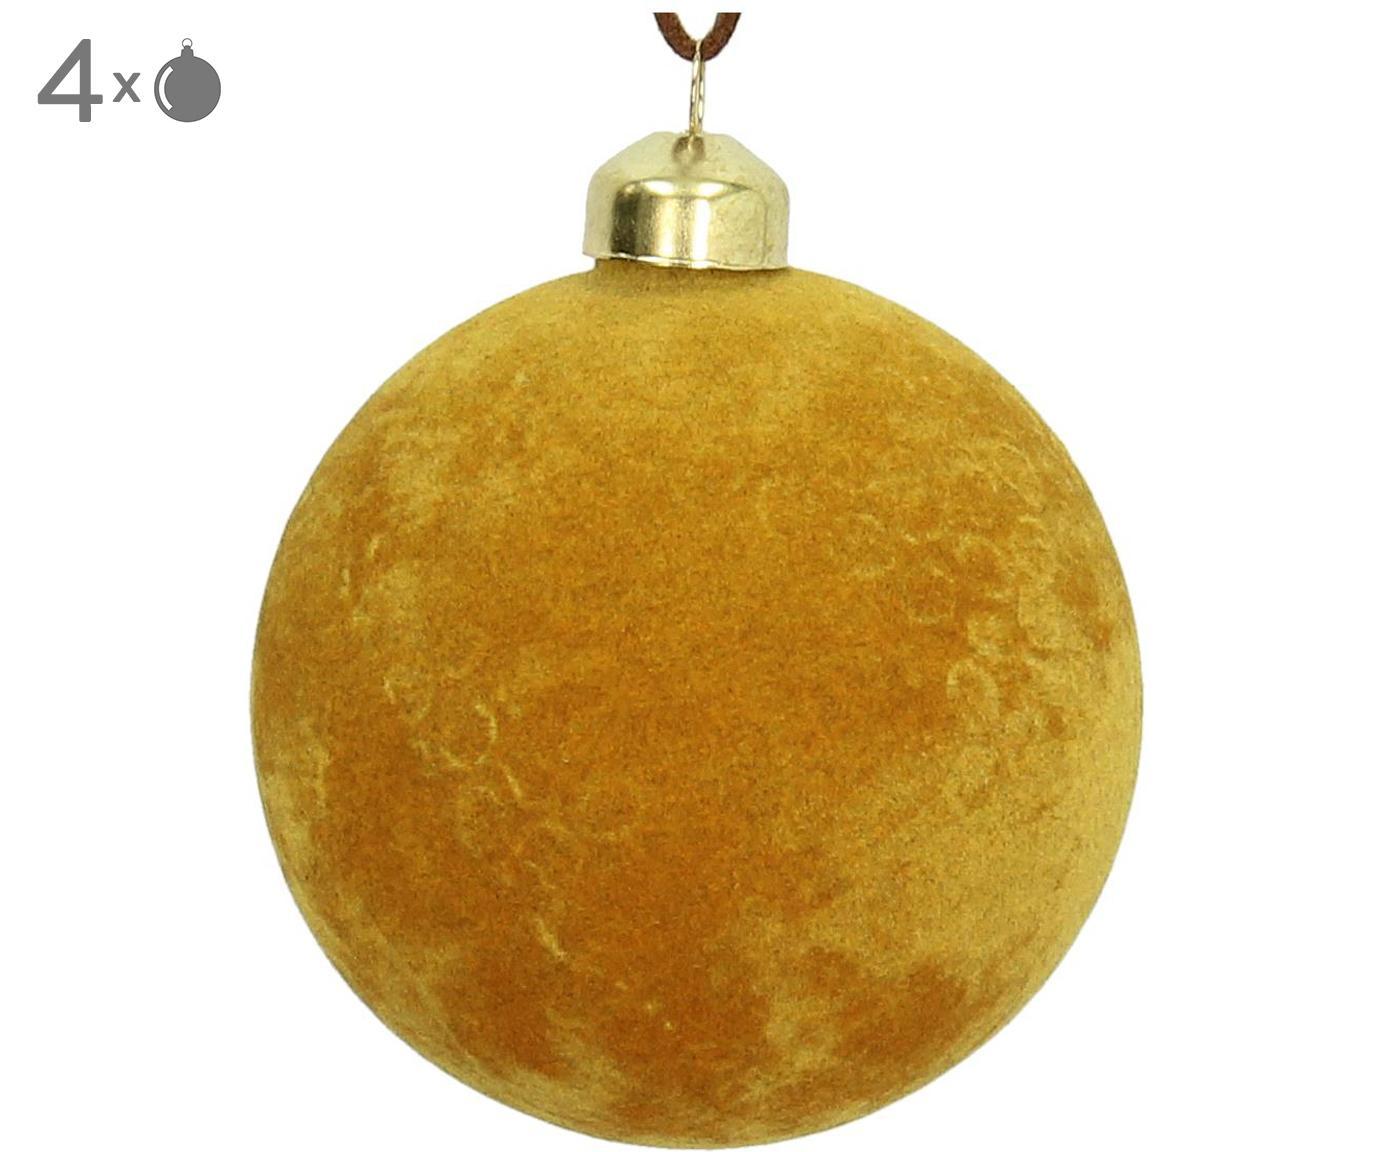 Fluwelen kerstballen Elvien, 4 stuks, Geel, Ø 8 cm